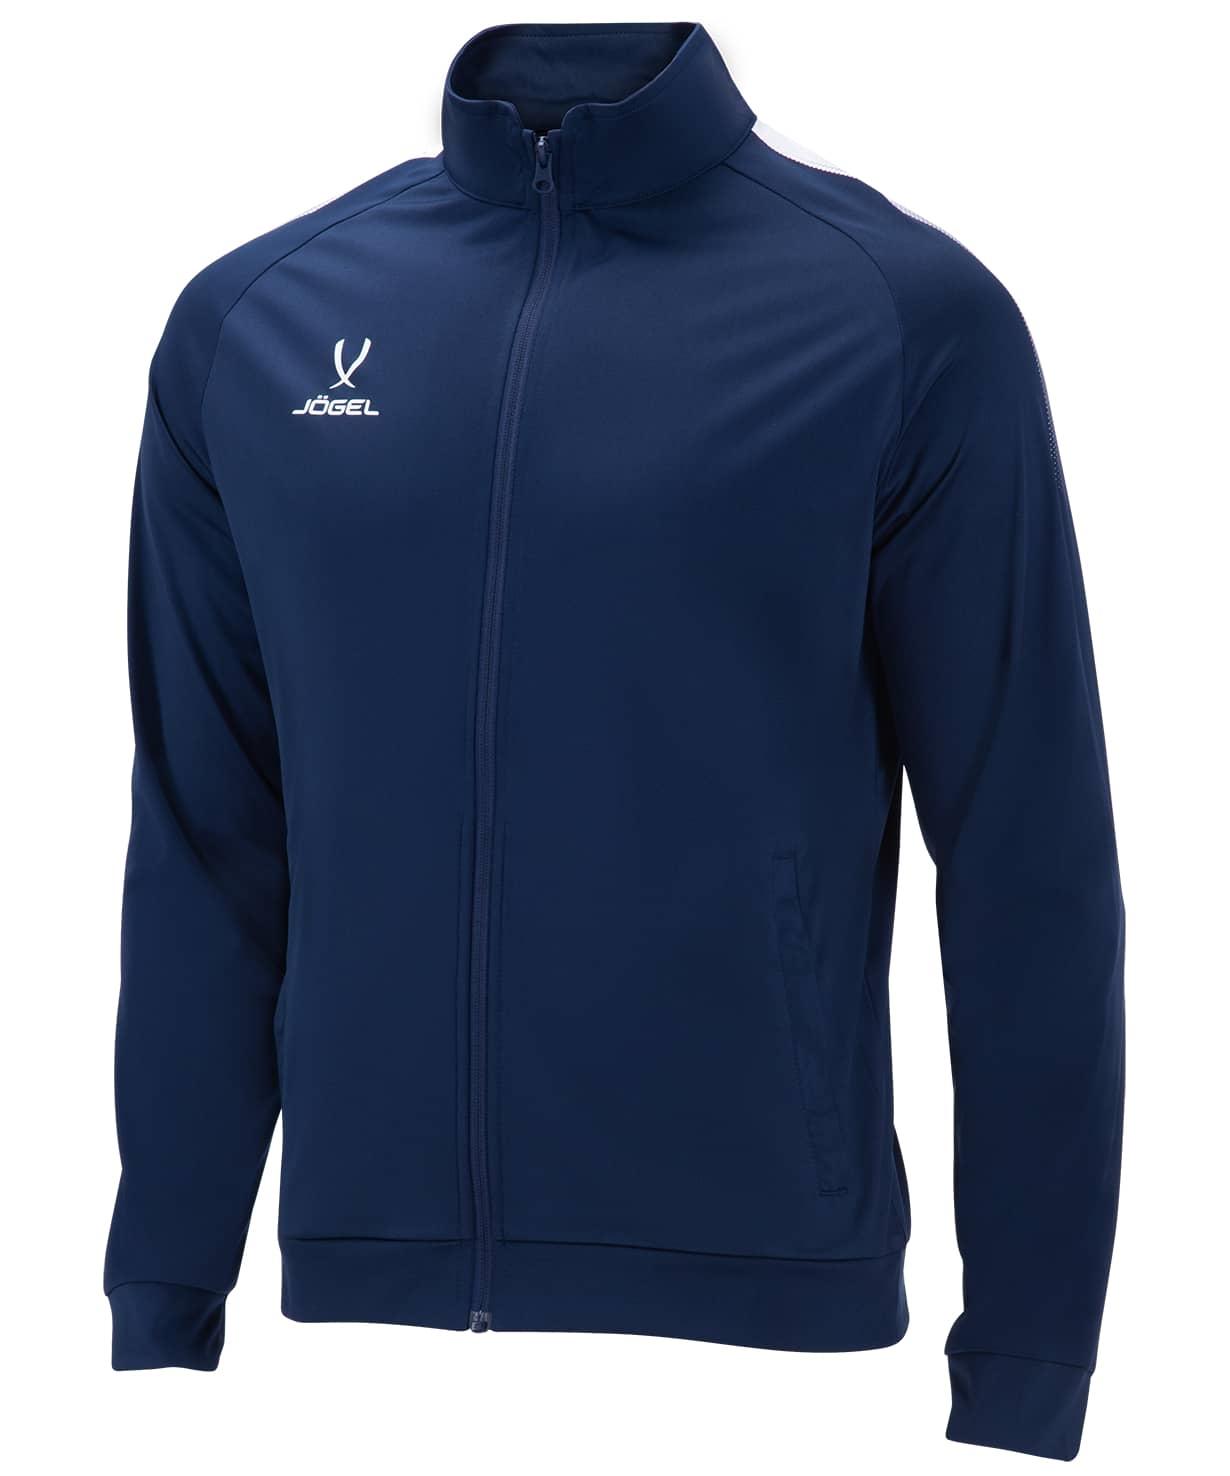 Олимпийка CAMP Training Jacket FZ, темно-синий